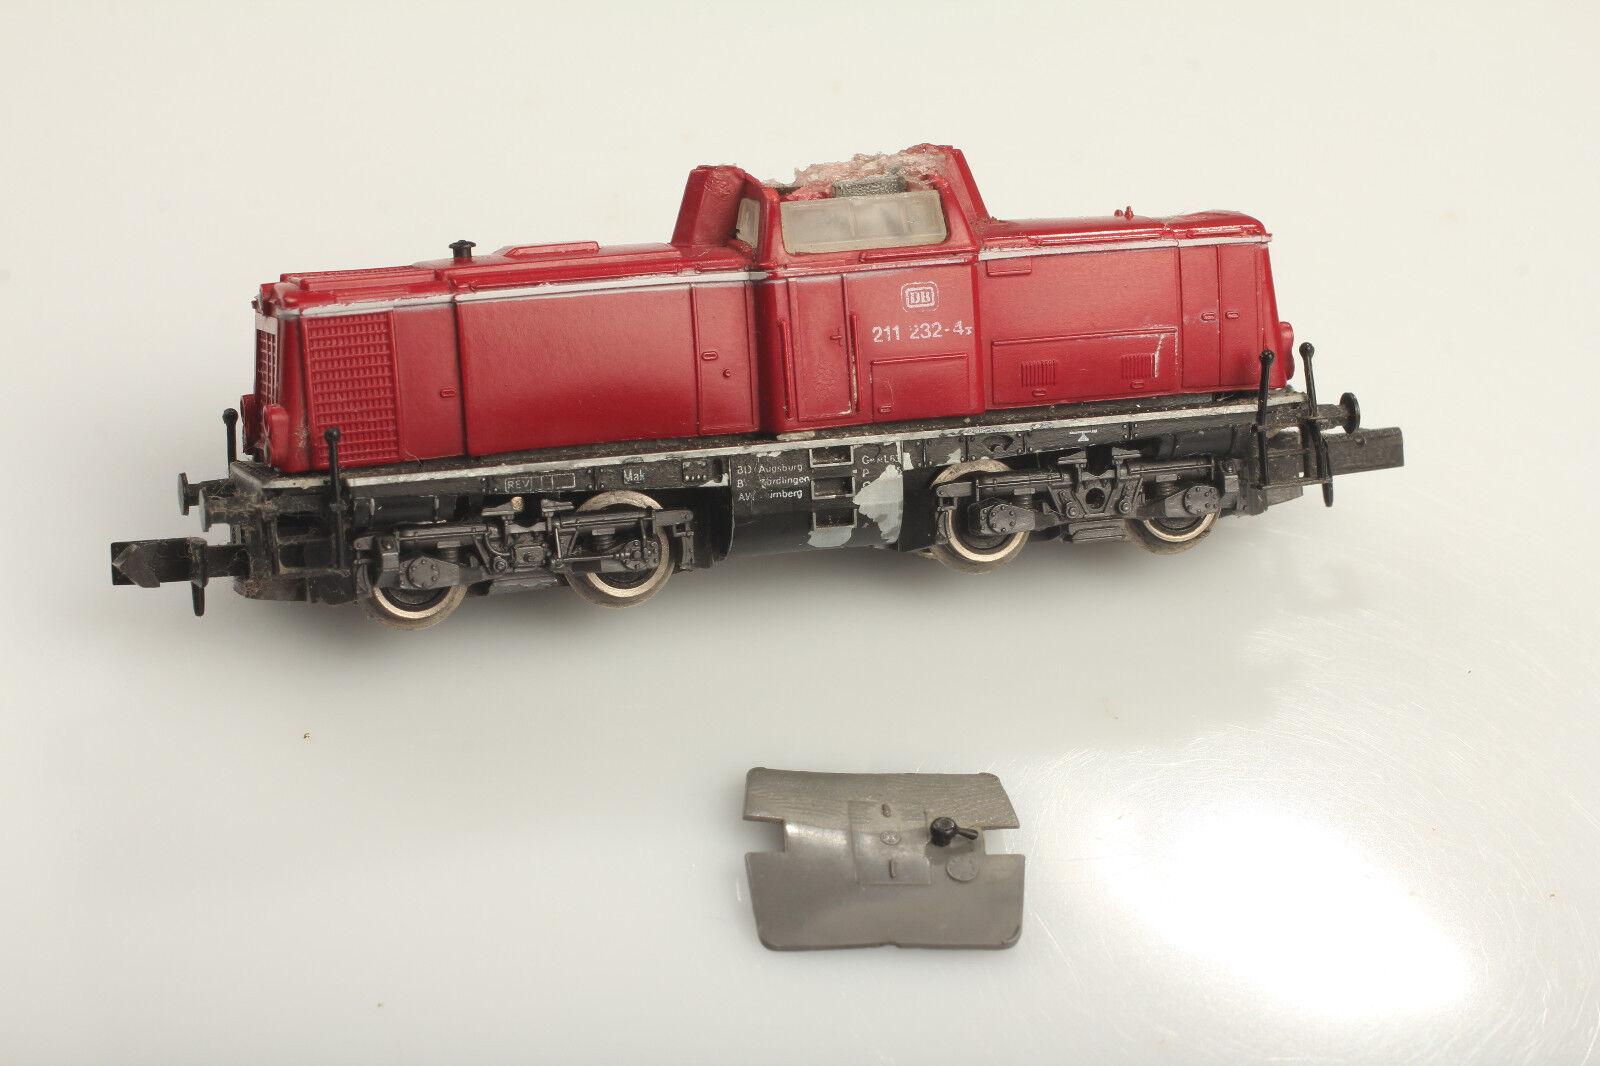 Arnold Rumpelstiltskin N 211 232-4 Läuft Even with Light - Dirt Lumber